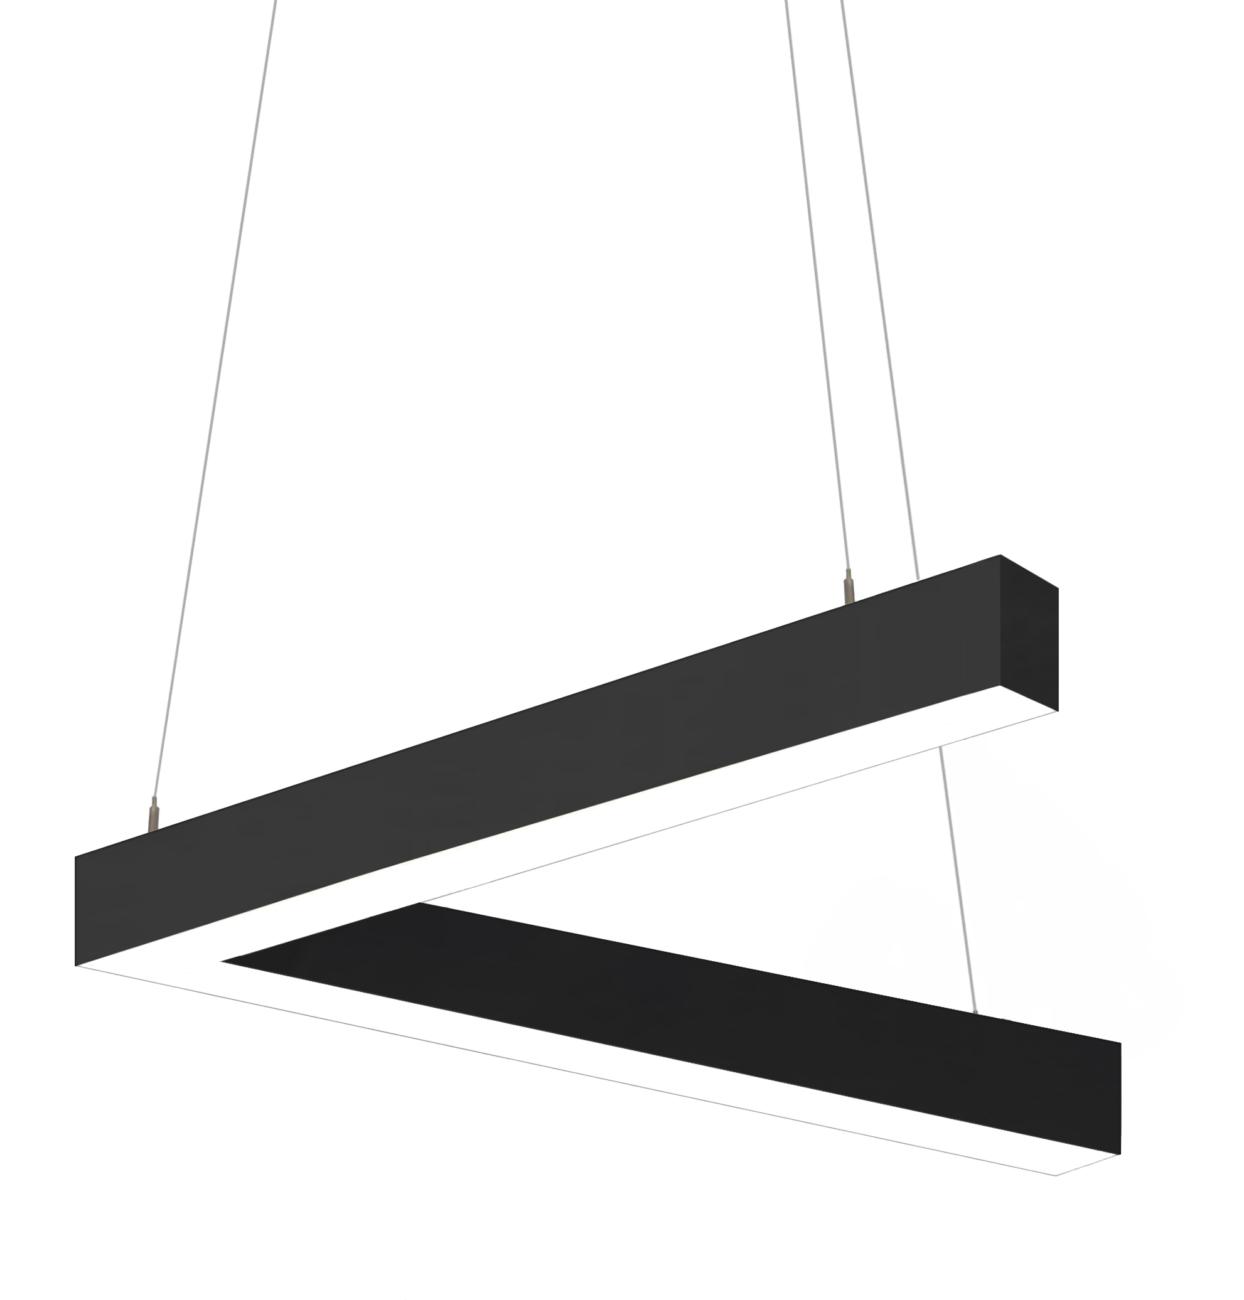 Светильник Style-5070. 500×500мм. 4000К/3000К. 17W/36W купить во Владивостоке